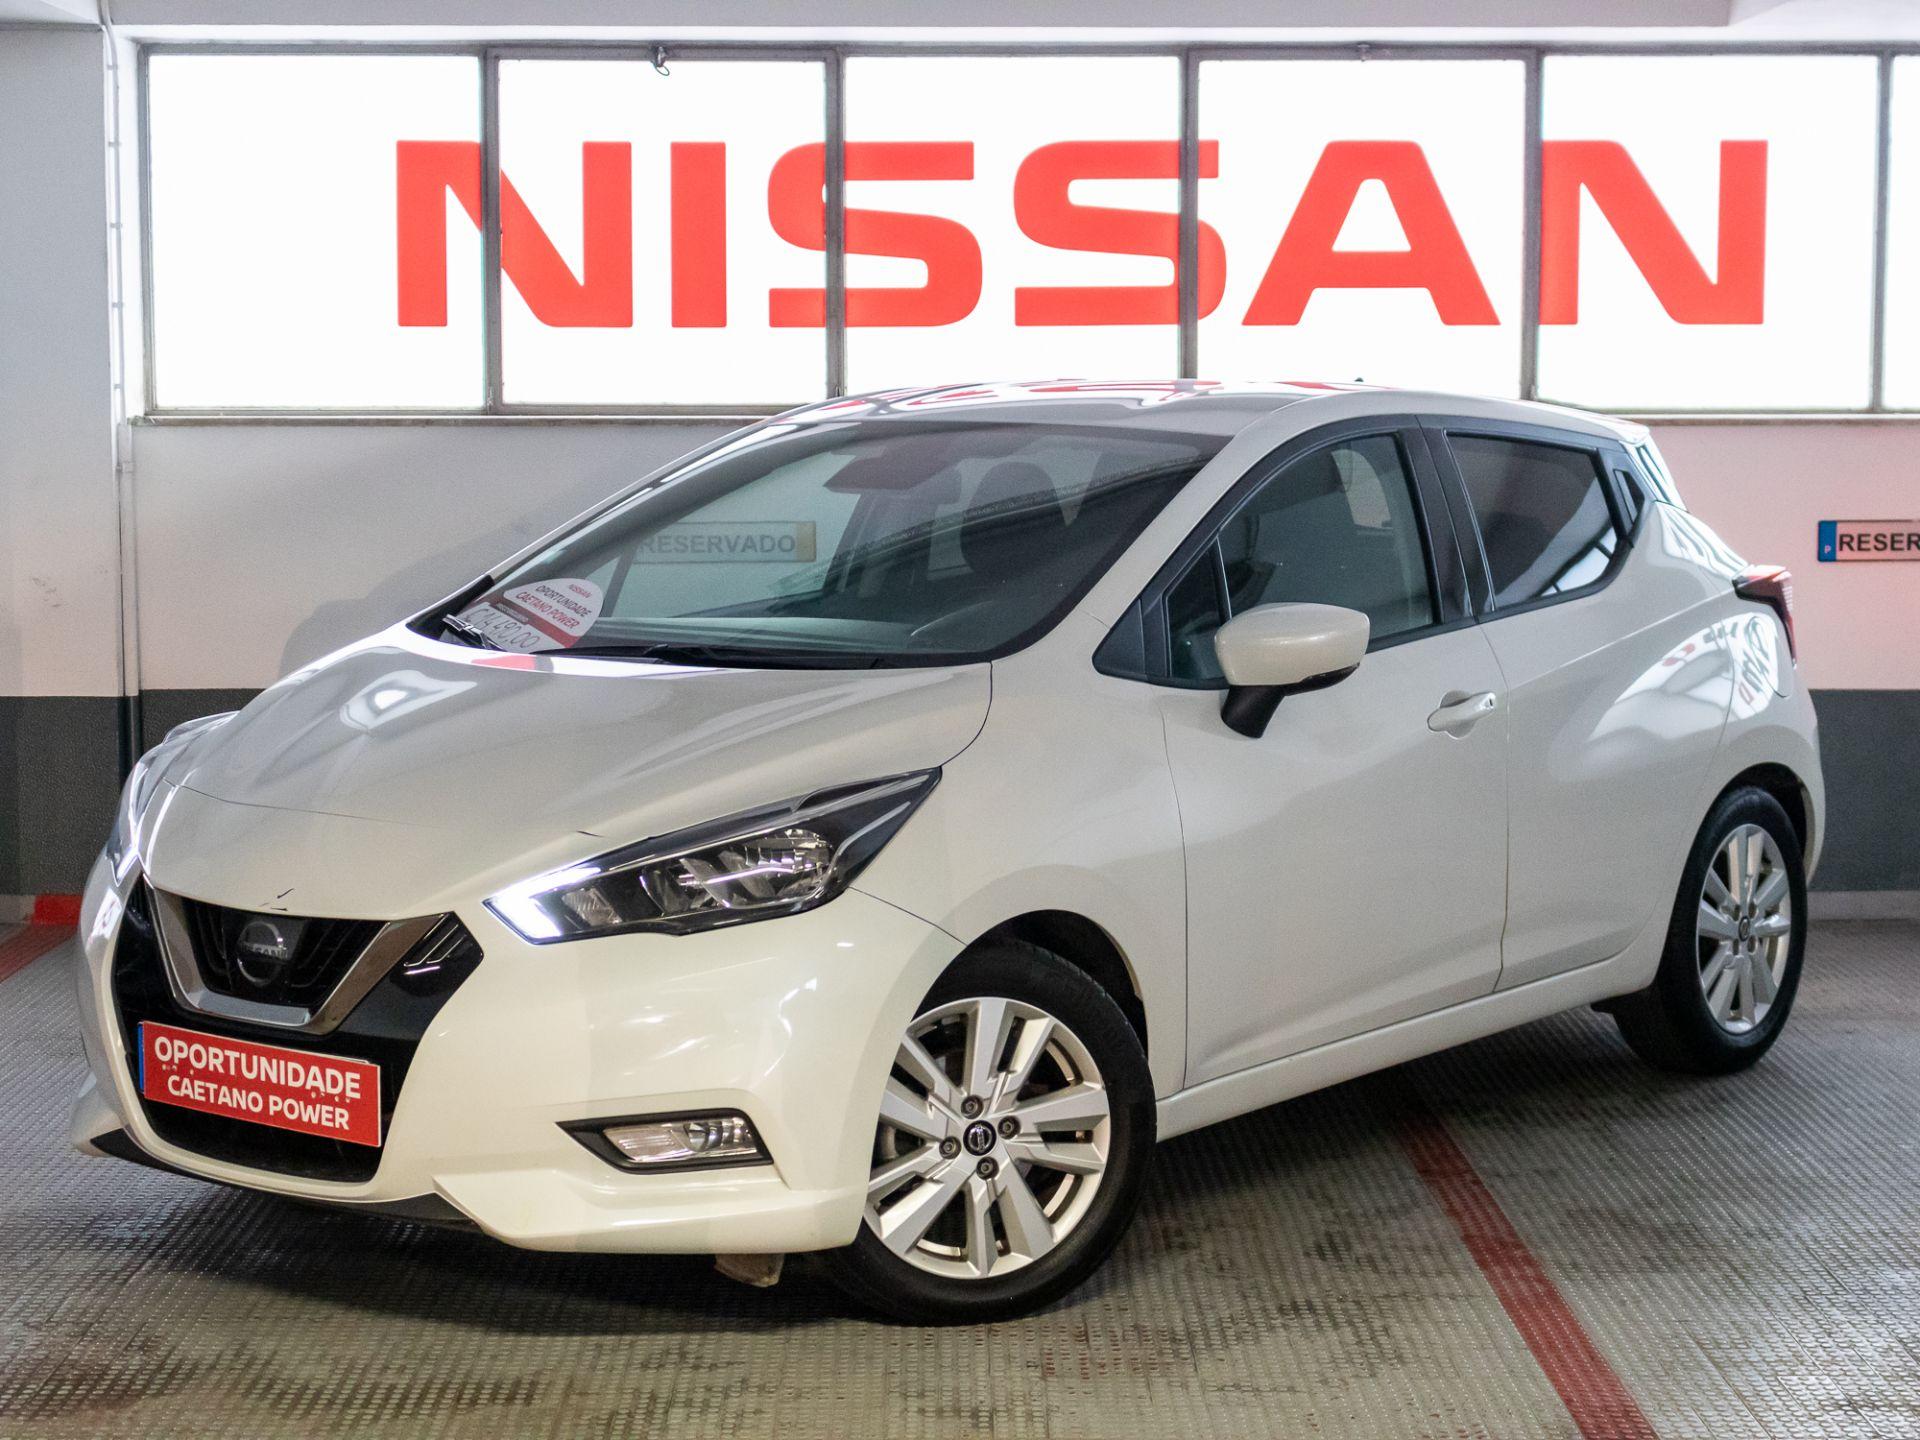 Nissan Micra IG-T 74 kW (100 CV) E6D N-Connecta segunda mão Lisboa